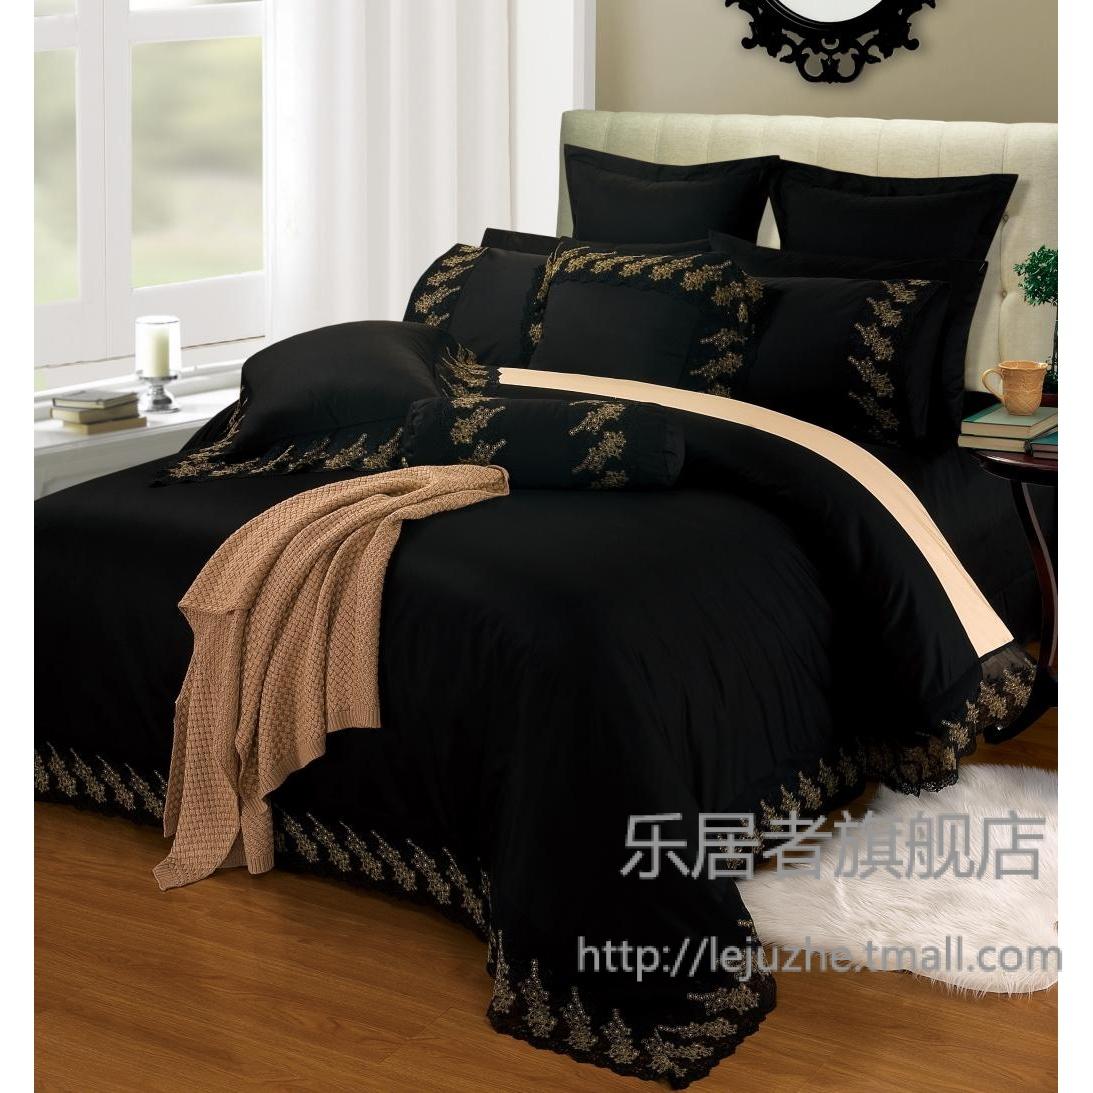 Комплект постельного белья Jolie home ljz/l1015 серьги mademoiselle jolie paris mademoiselle jolie paris mp002xw1arzd